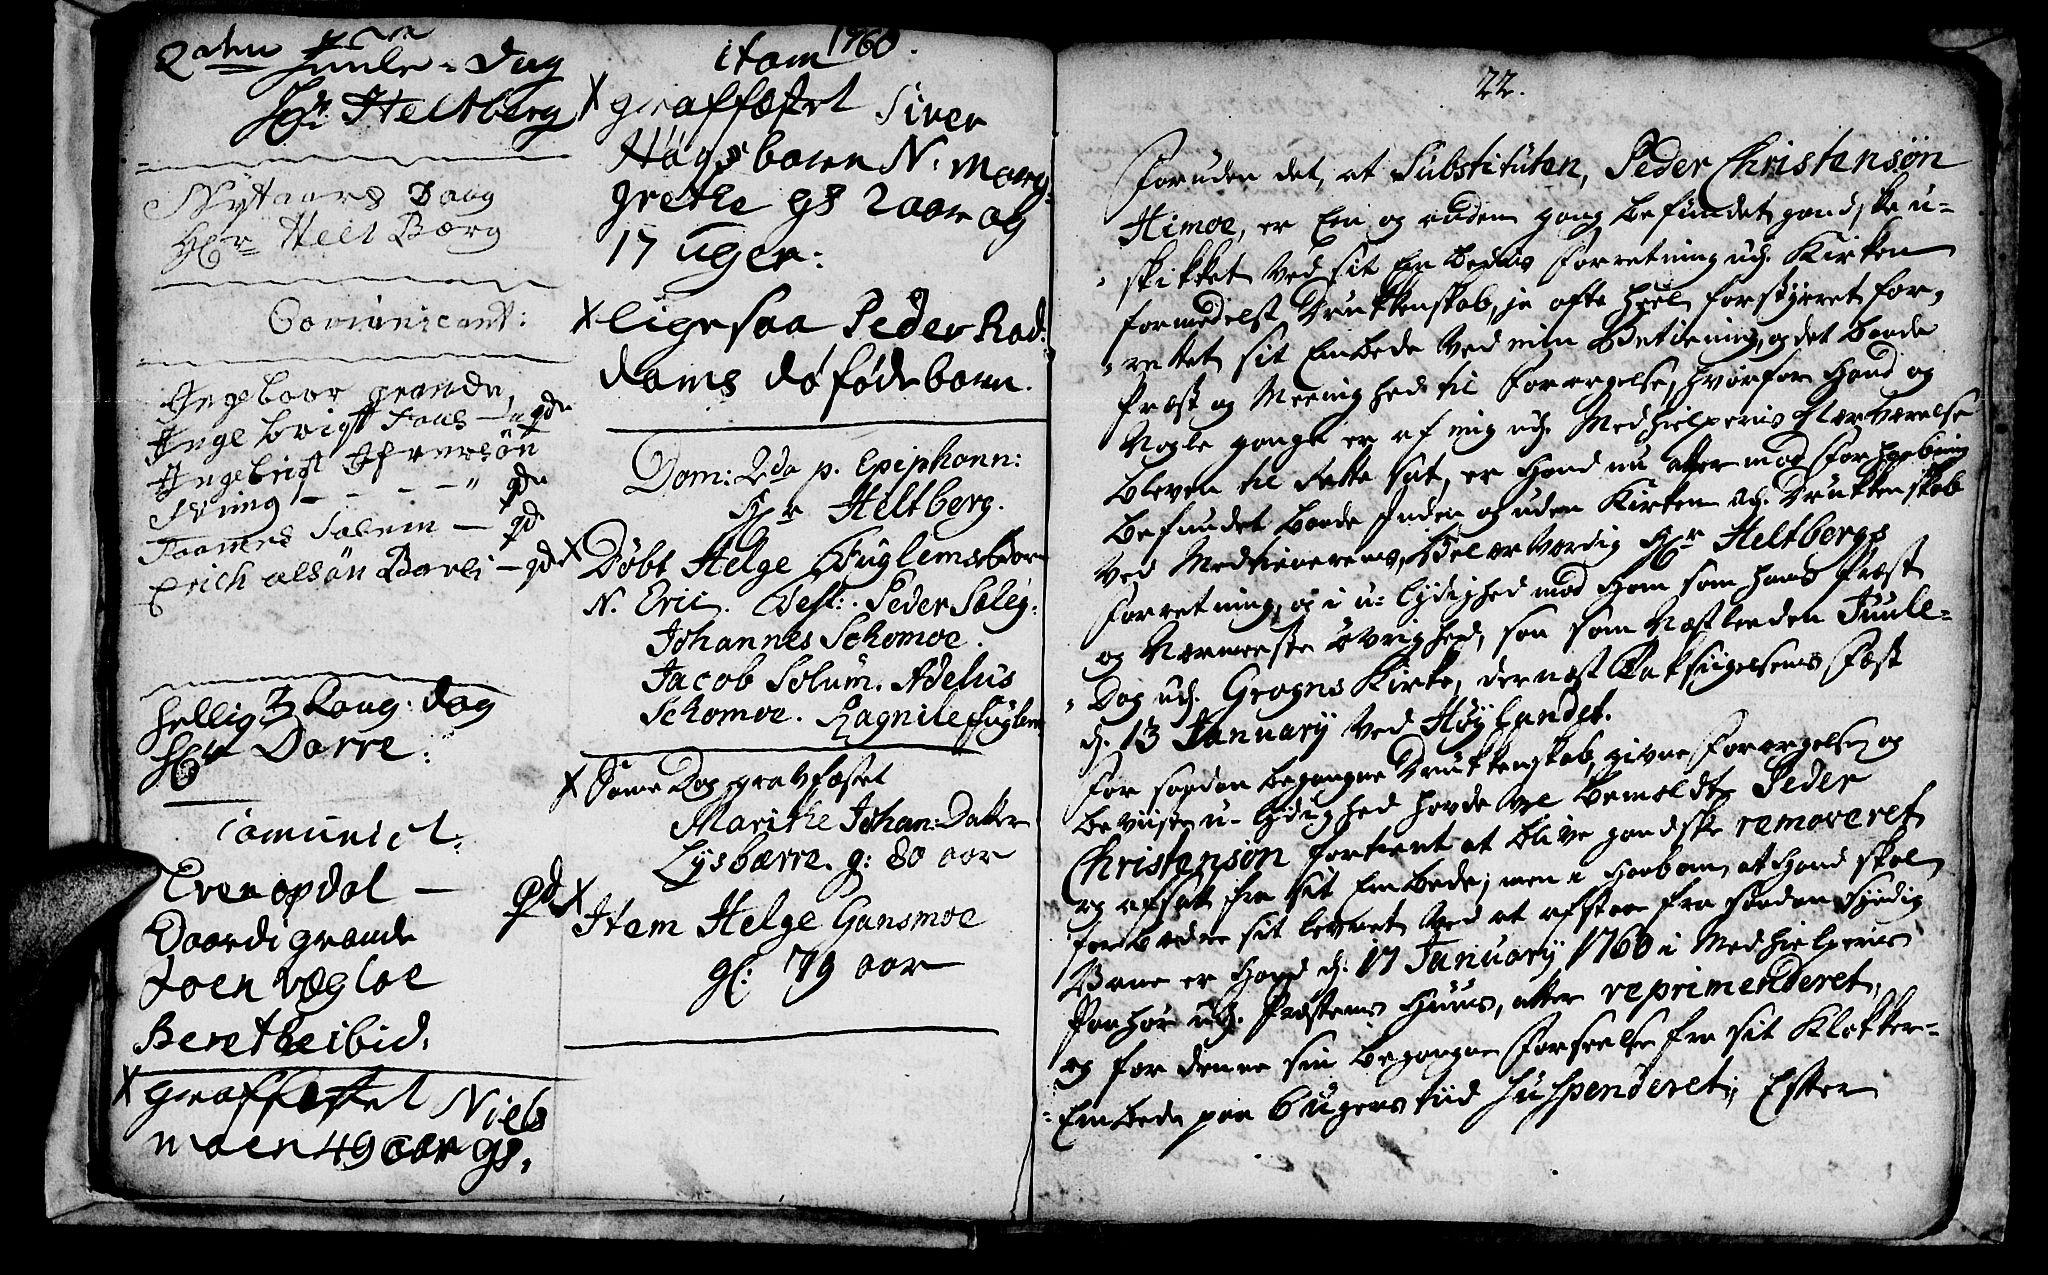 SAT, Ministerialprotokoller, klokkerbøker og fødselsregistre - Nord-Trøndelag, 764/L0543: Ministerialbok nr. 764A03, 1758-1765, s. 22